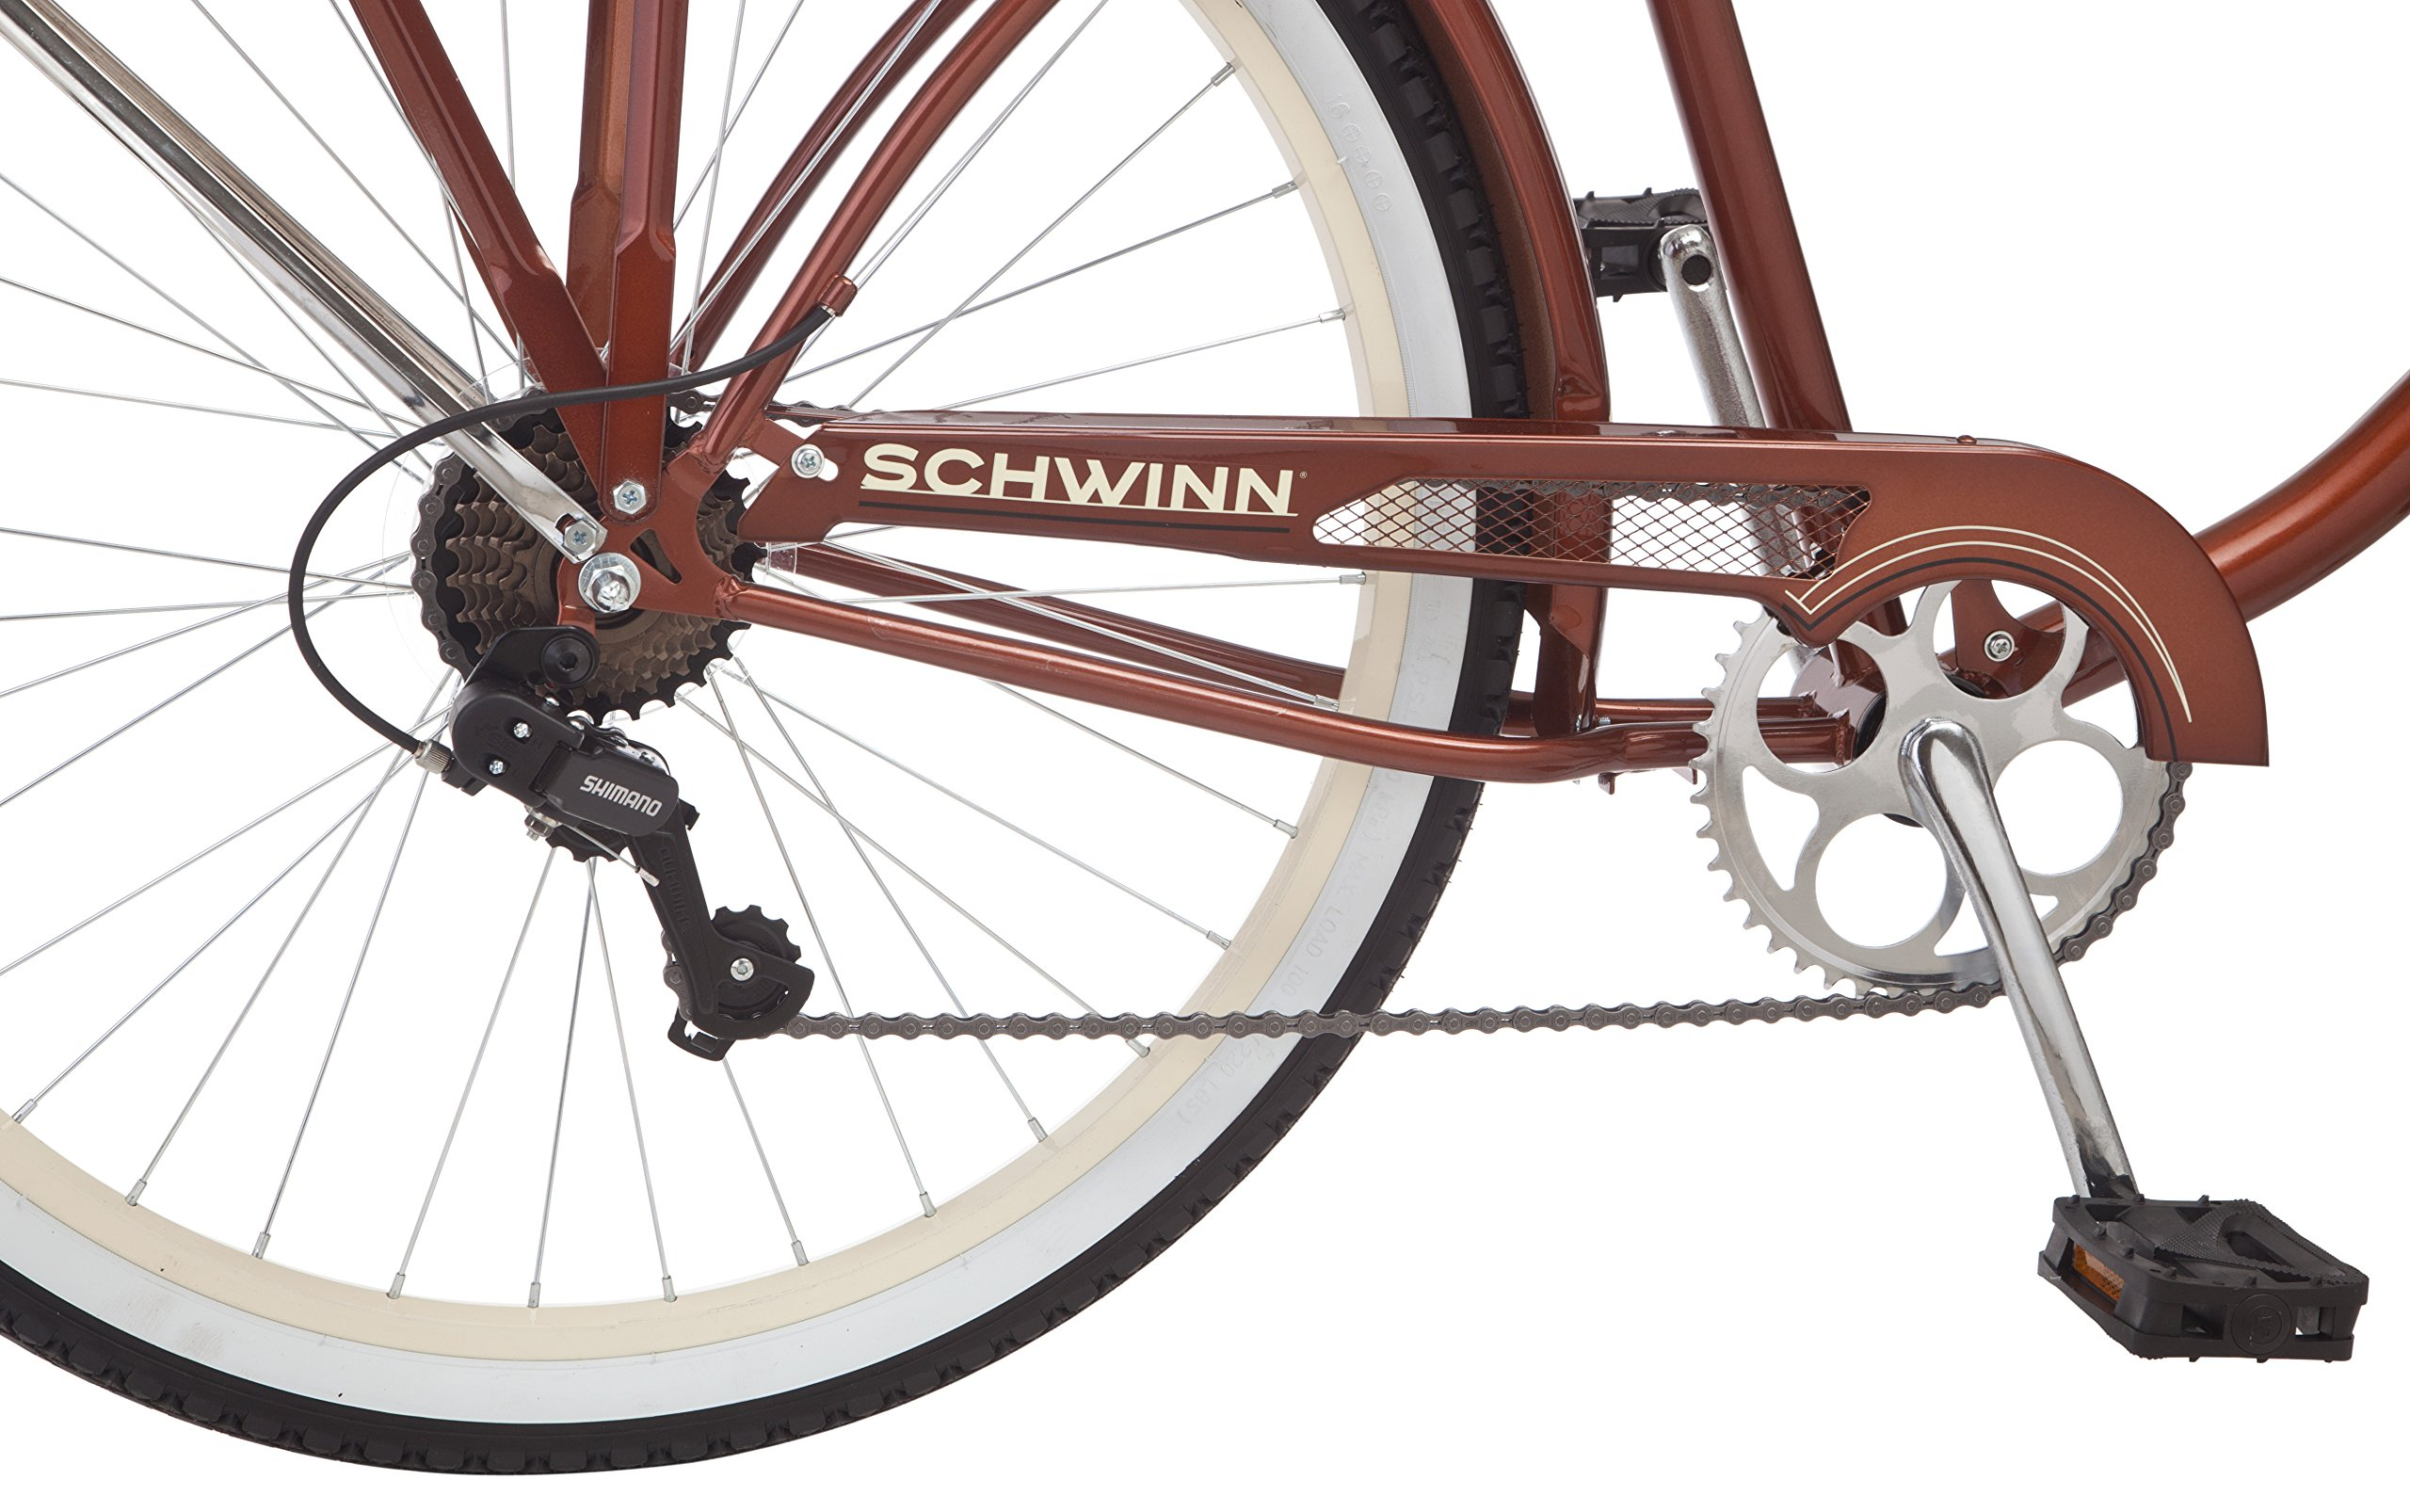 Schwinn Men's Sanctuary 7-Speed Cruiser Bicycle (26-Inch Wheels), Cream/Copper, 18 -Inch by Schwinn (Image #5)